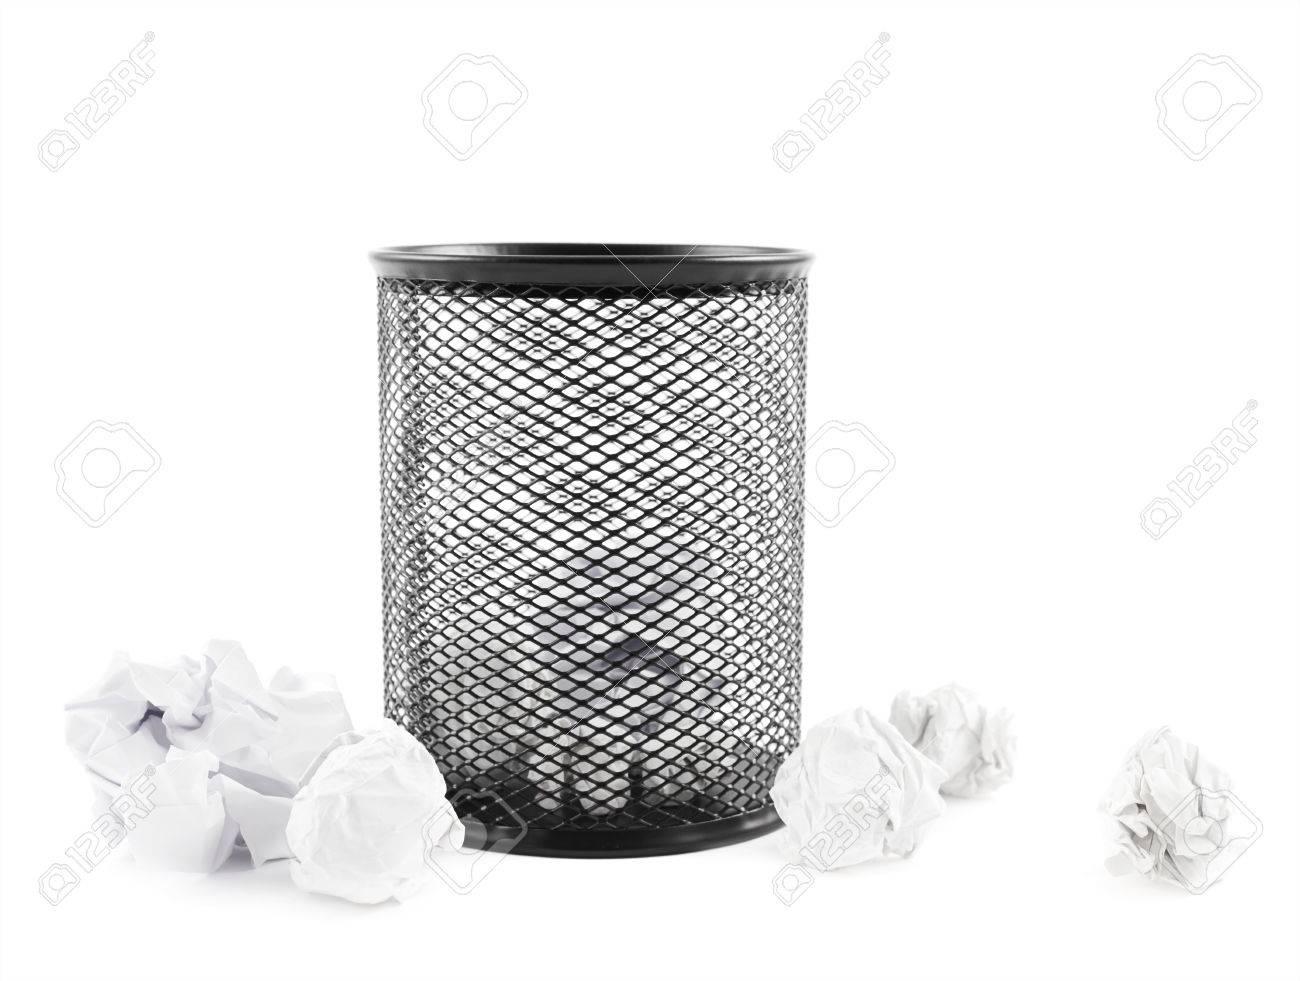 Le papier de bureau poubelle noir bin à côté du papier froissé